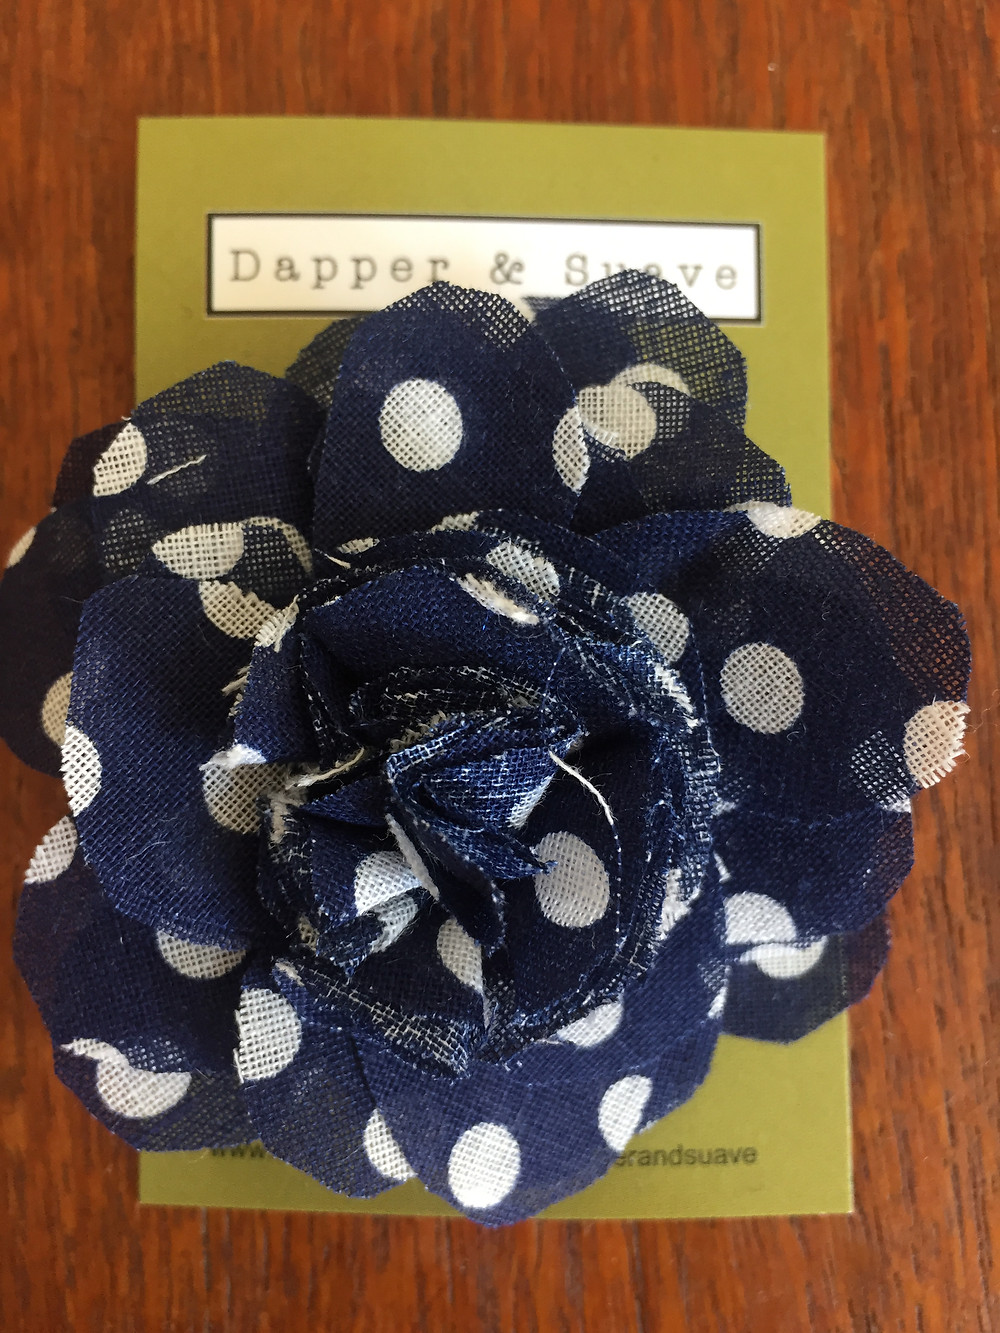 Dapper & Suave Navy Spot Lapel Pin